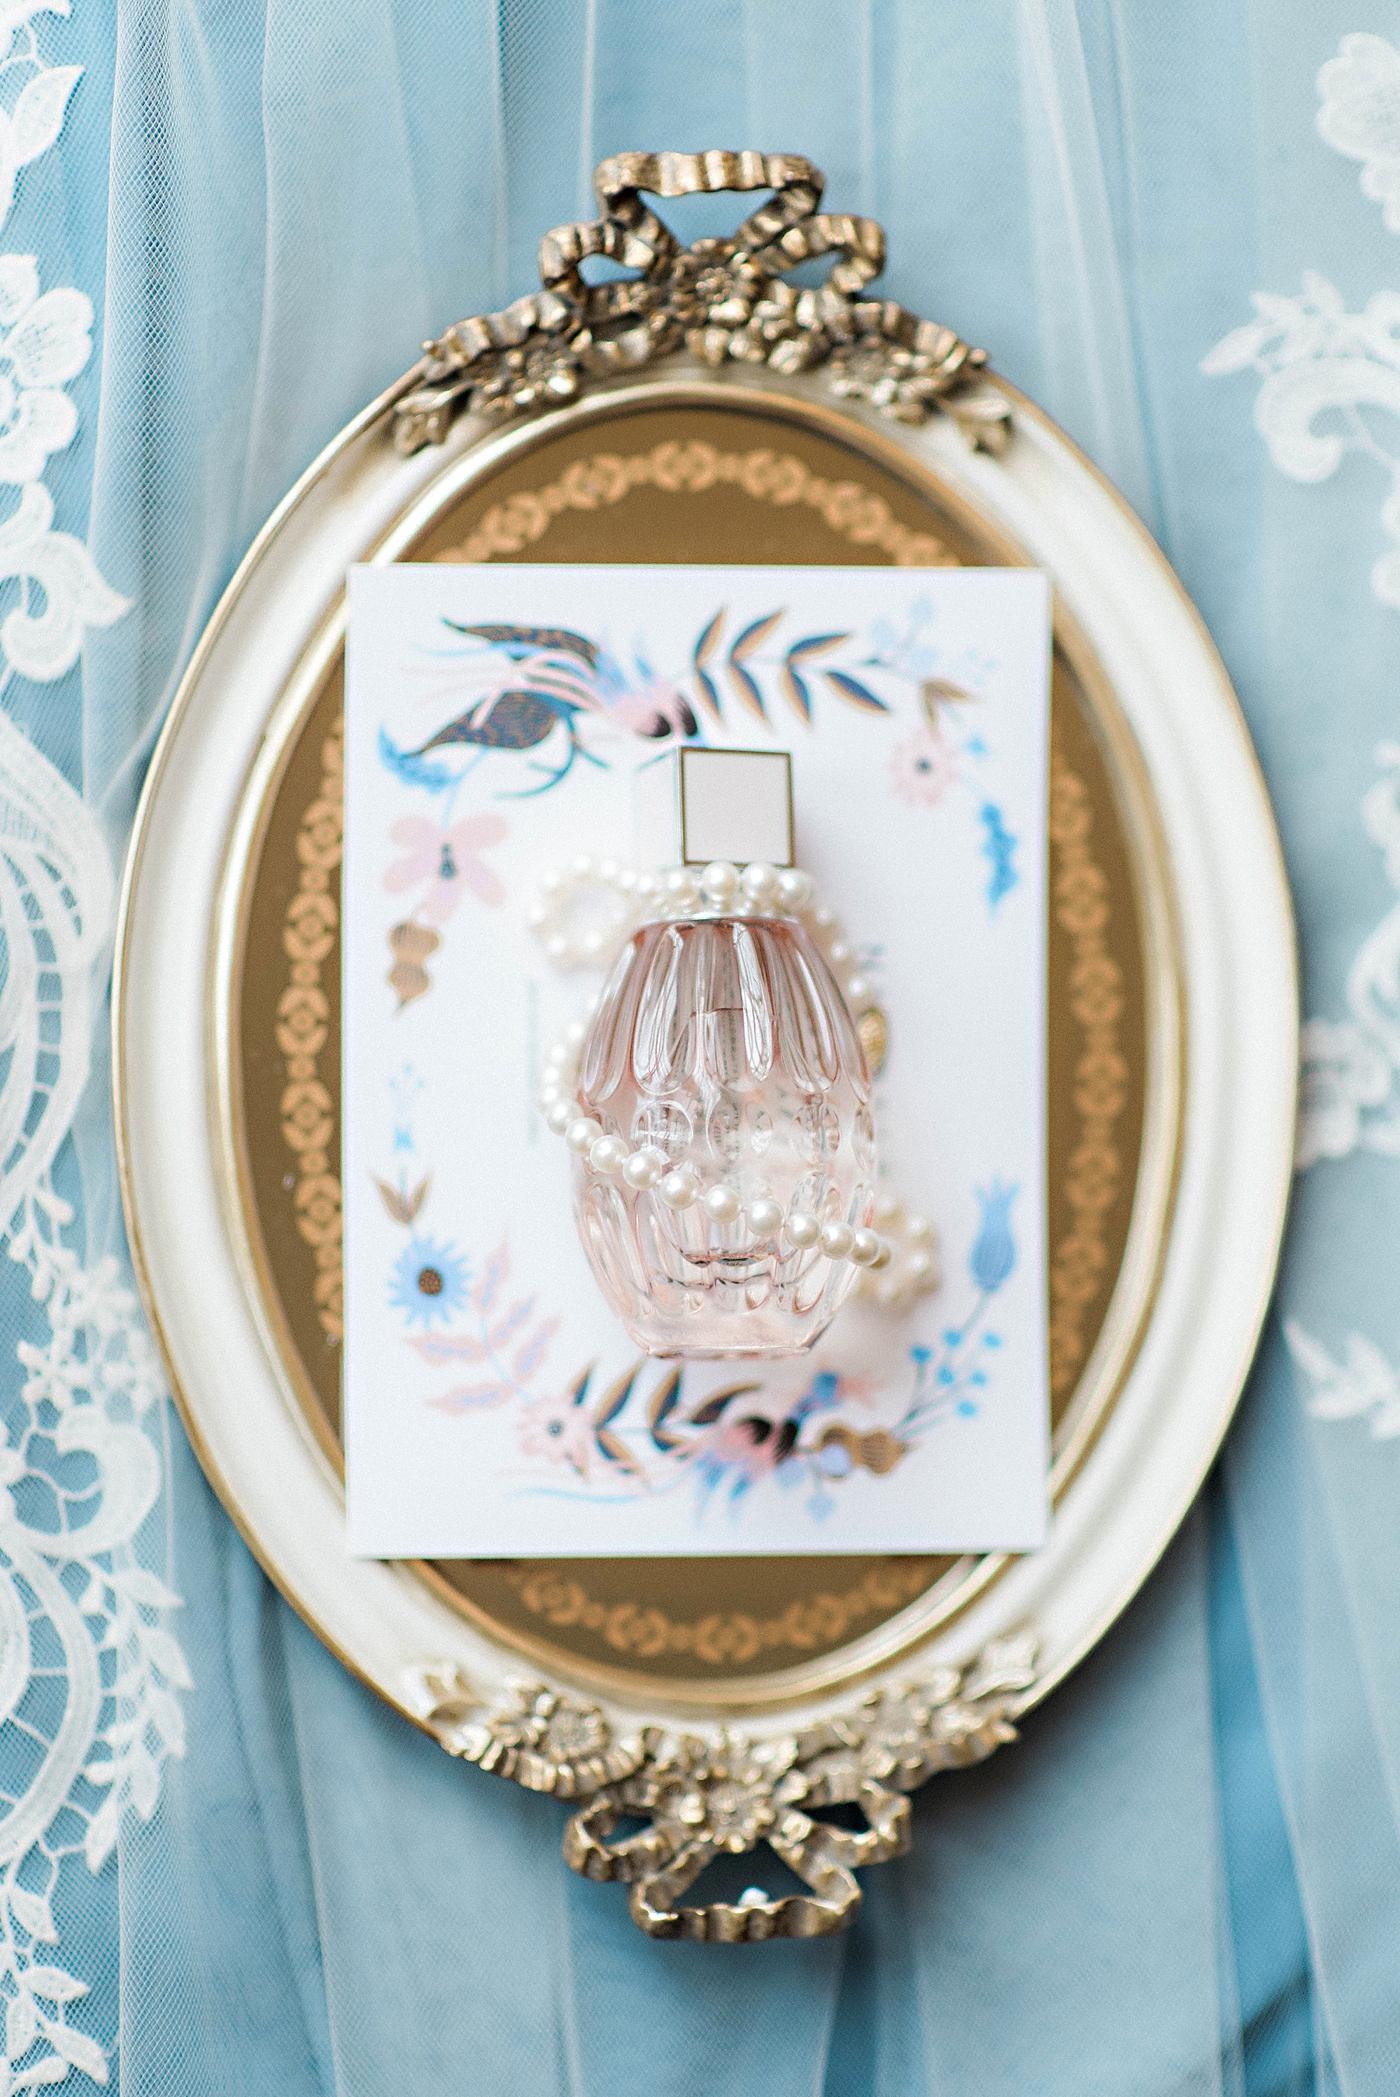 Halifax-Wedding-Photographer-New Brunswick Wedding- Nicolle & Ethan07.jpeg